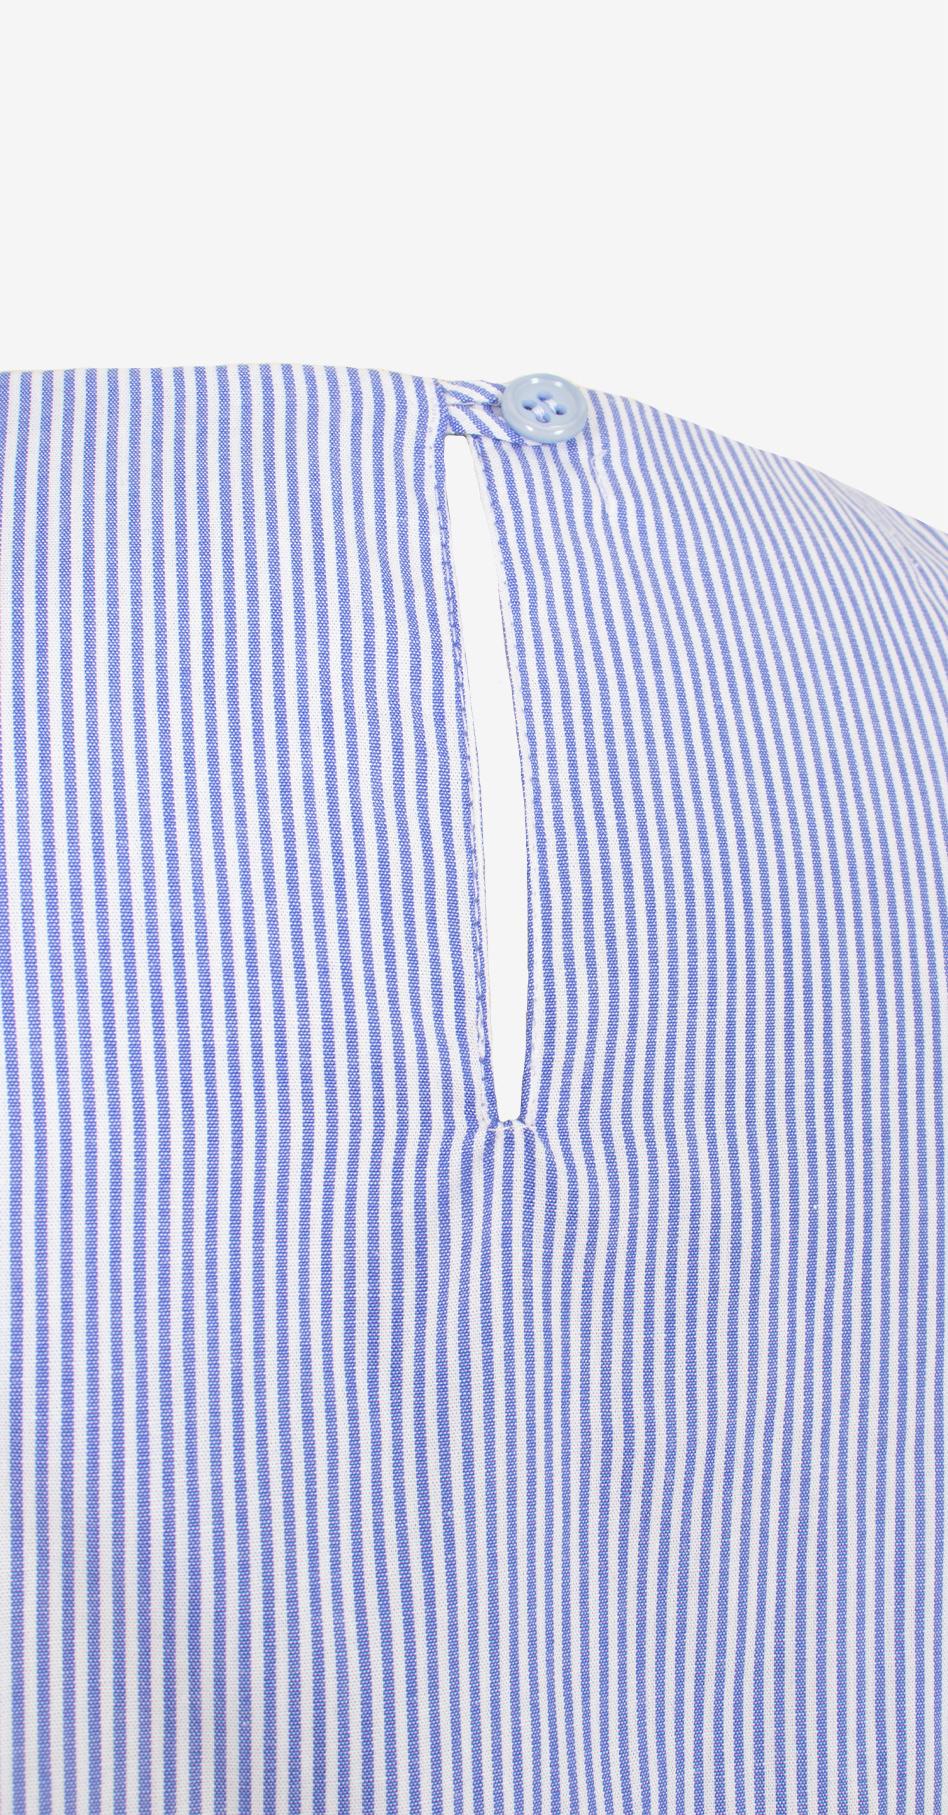 Bluse Anouk/ Streifen